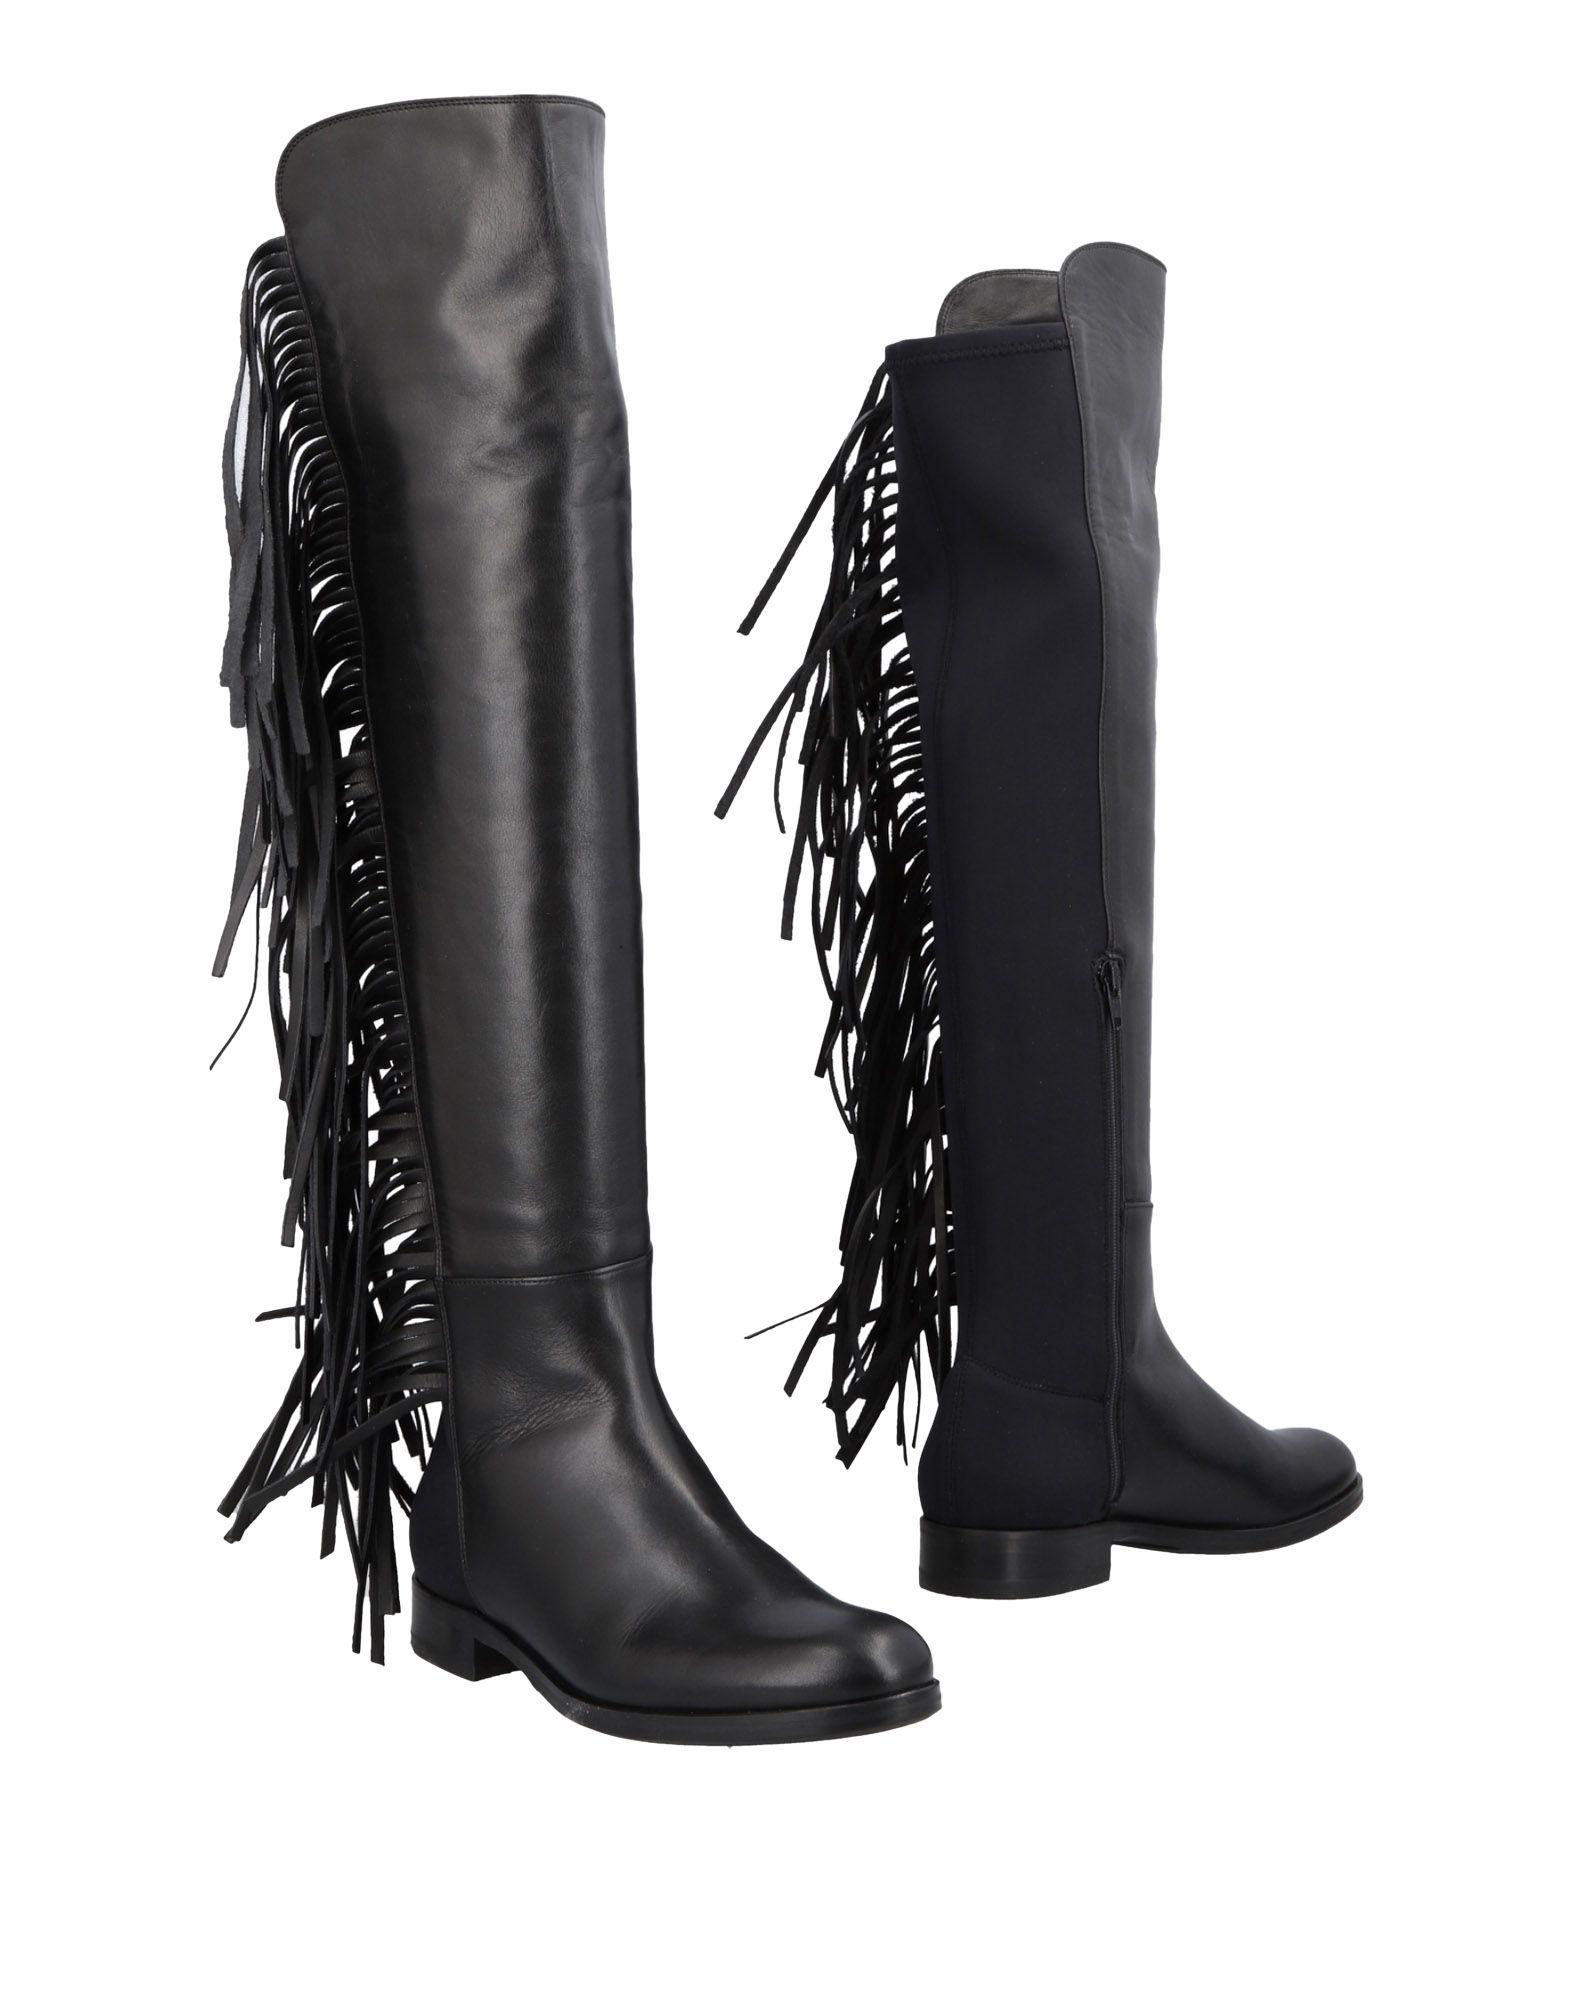 Yosh Collection Stiefel Damen  11473300KD Beliebte Schuhe